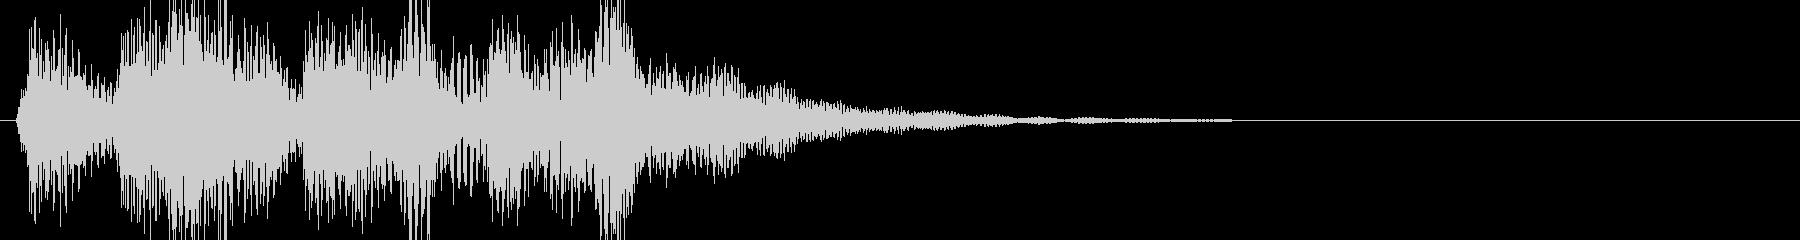 場面転換に 三味線が印象的なサウンドロゴの未再生の波形